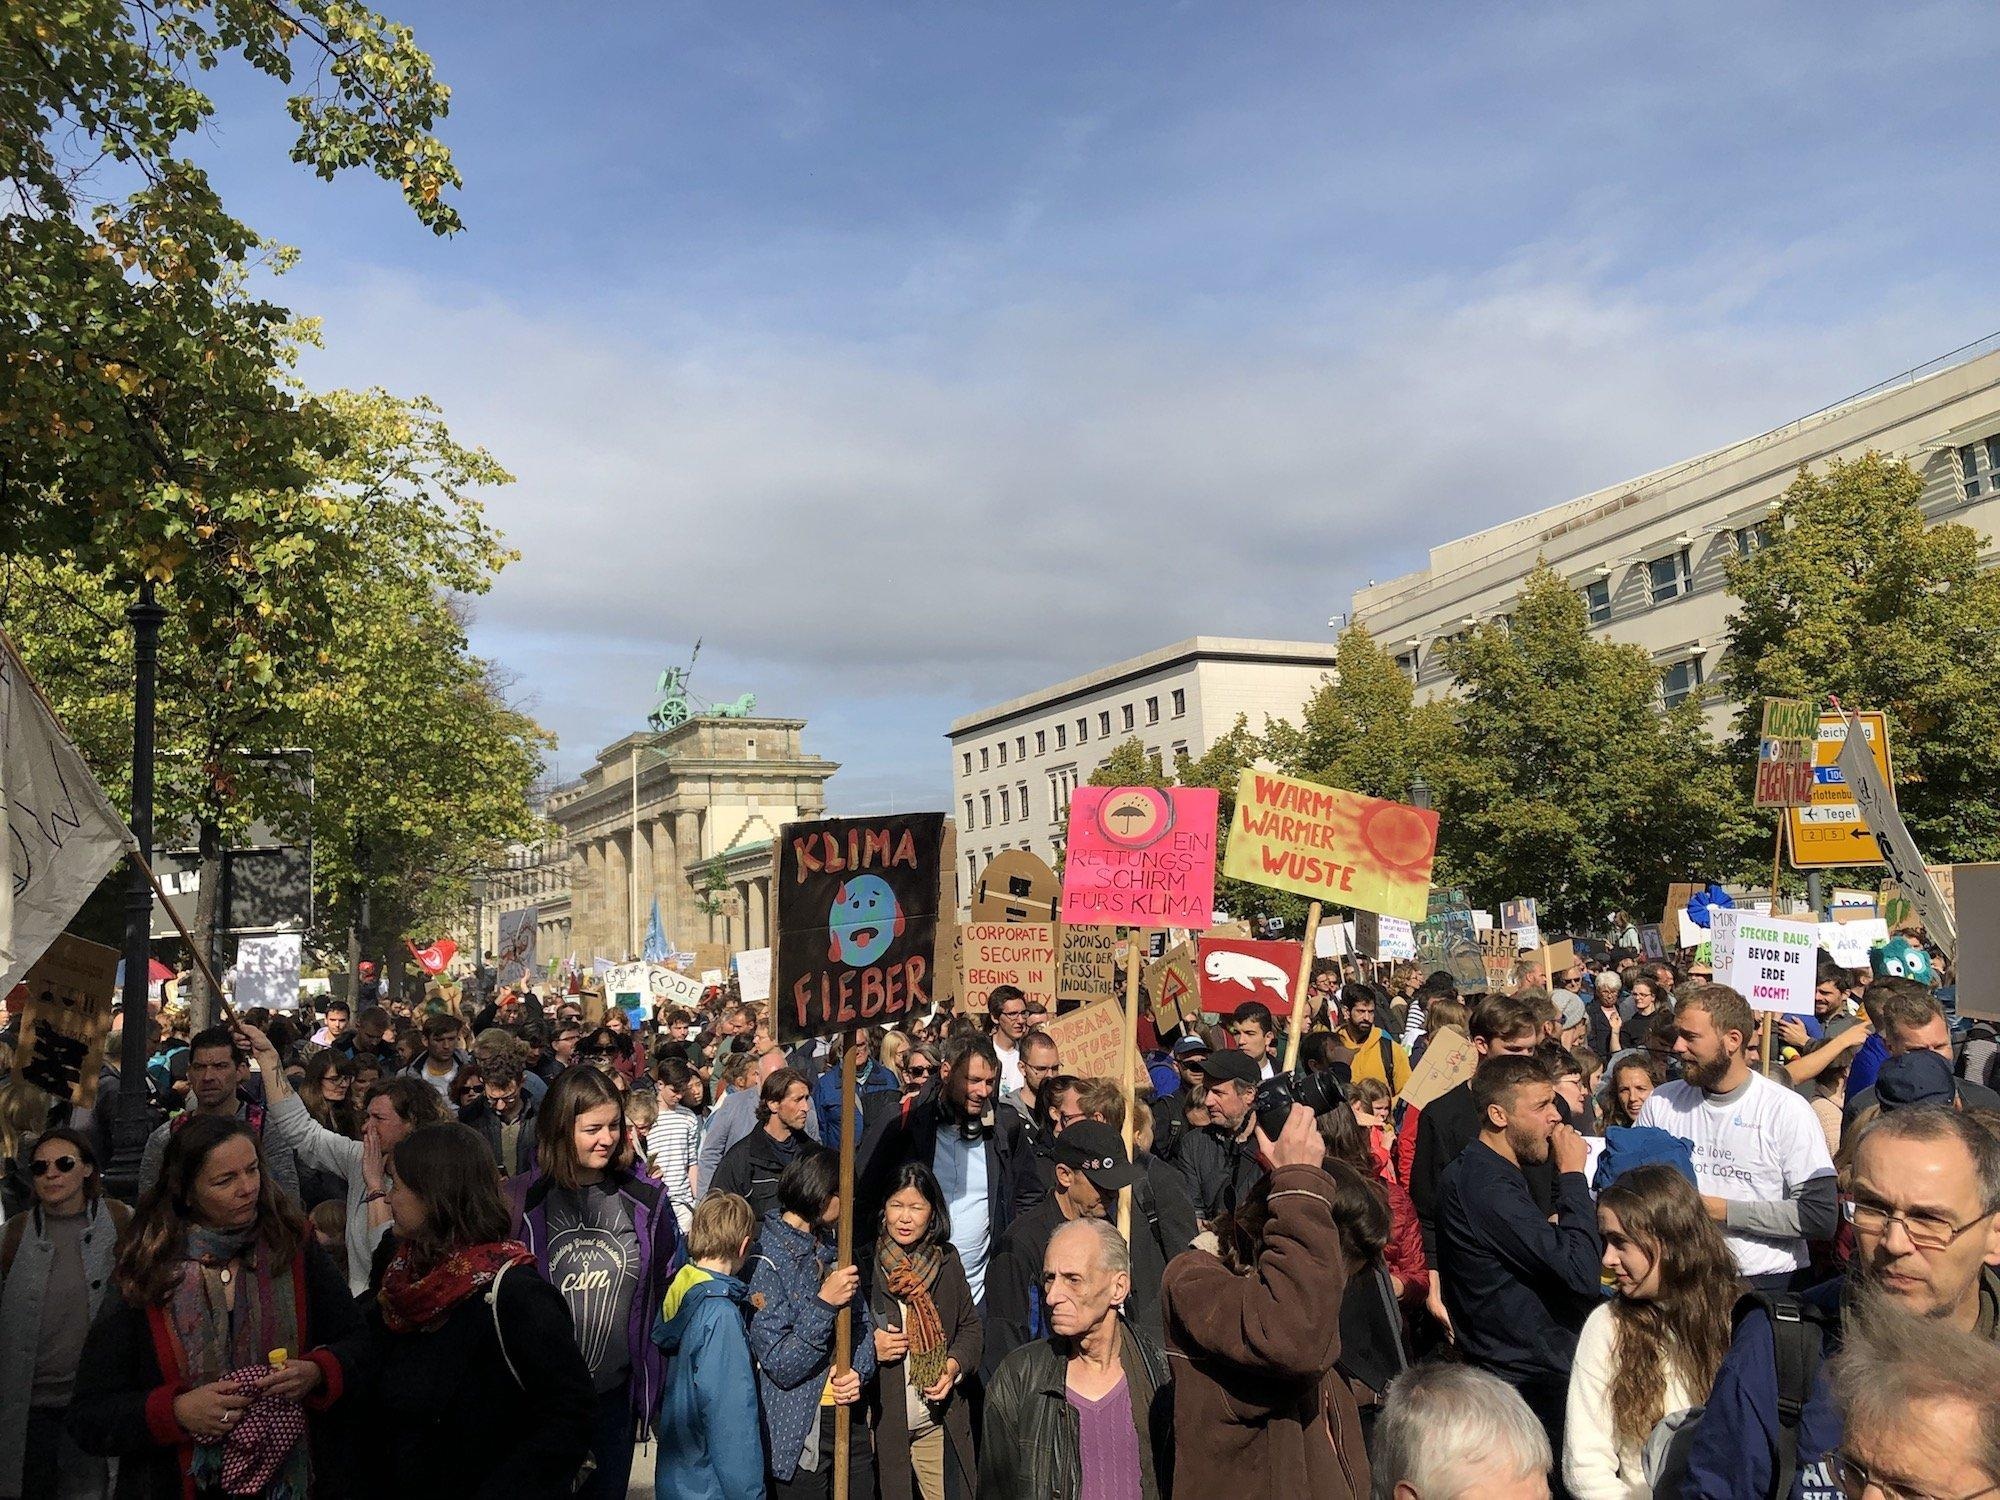 """Demonstranten der Bewegung """"Fridays for Future"""" ziehen am Brandenburger Tor vorbei. Sie halten Plakate hoch, auf denen unter anderem """"Klima Fieber"""" steht"""